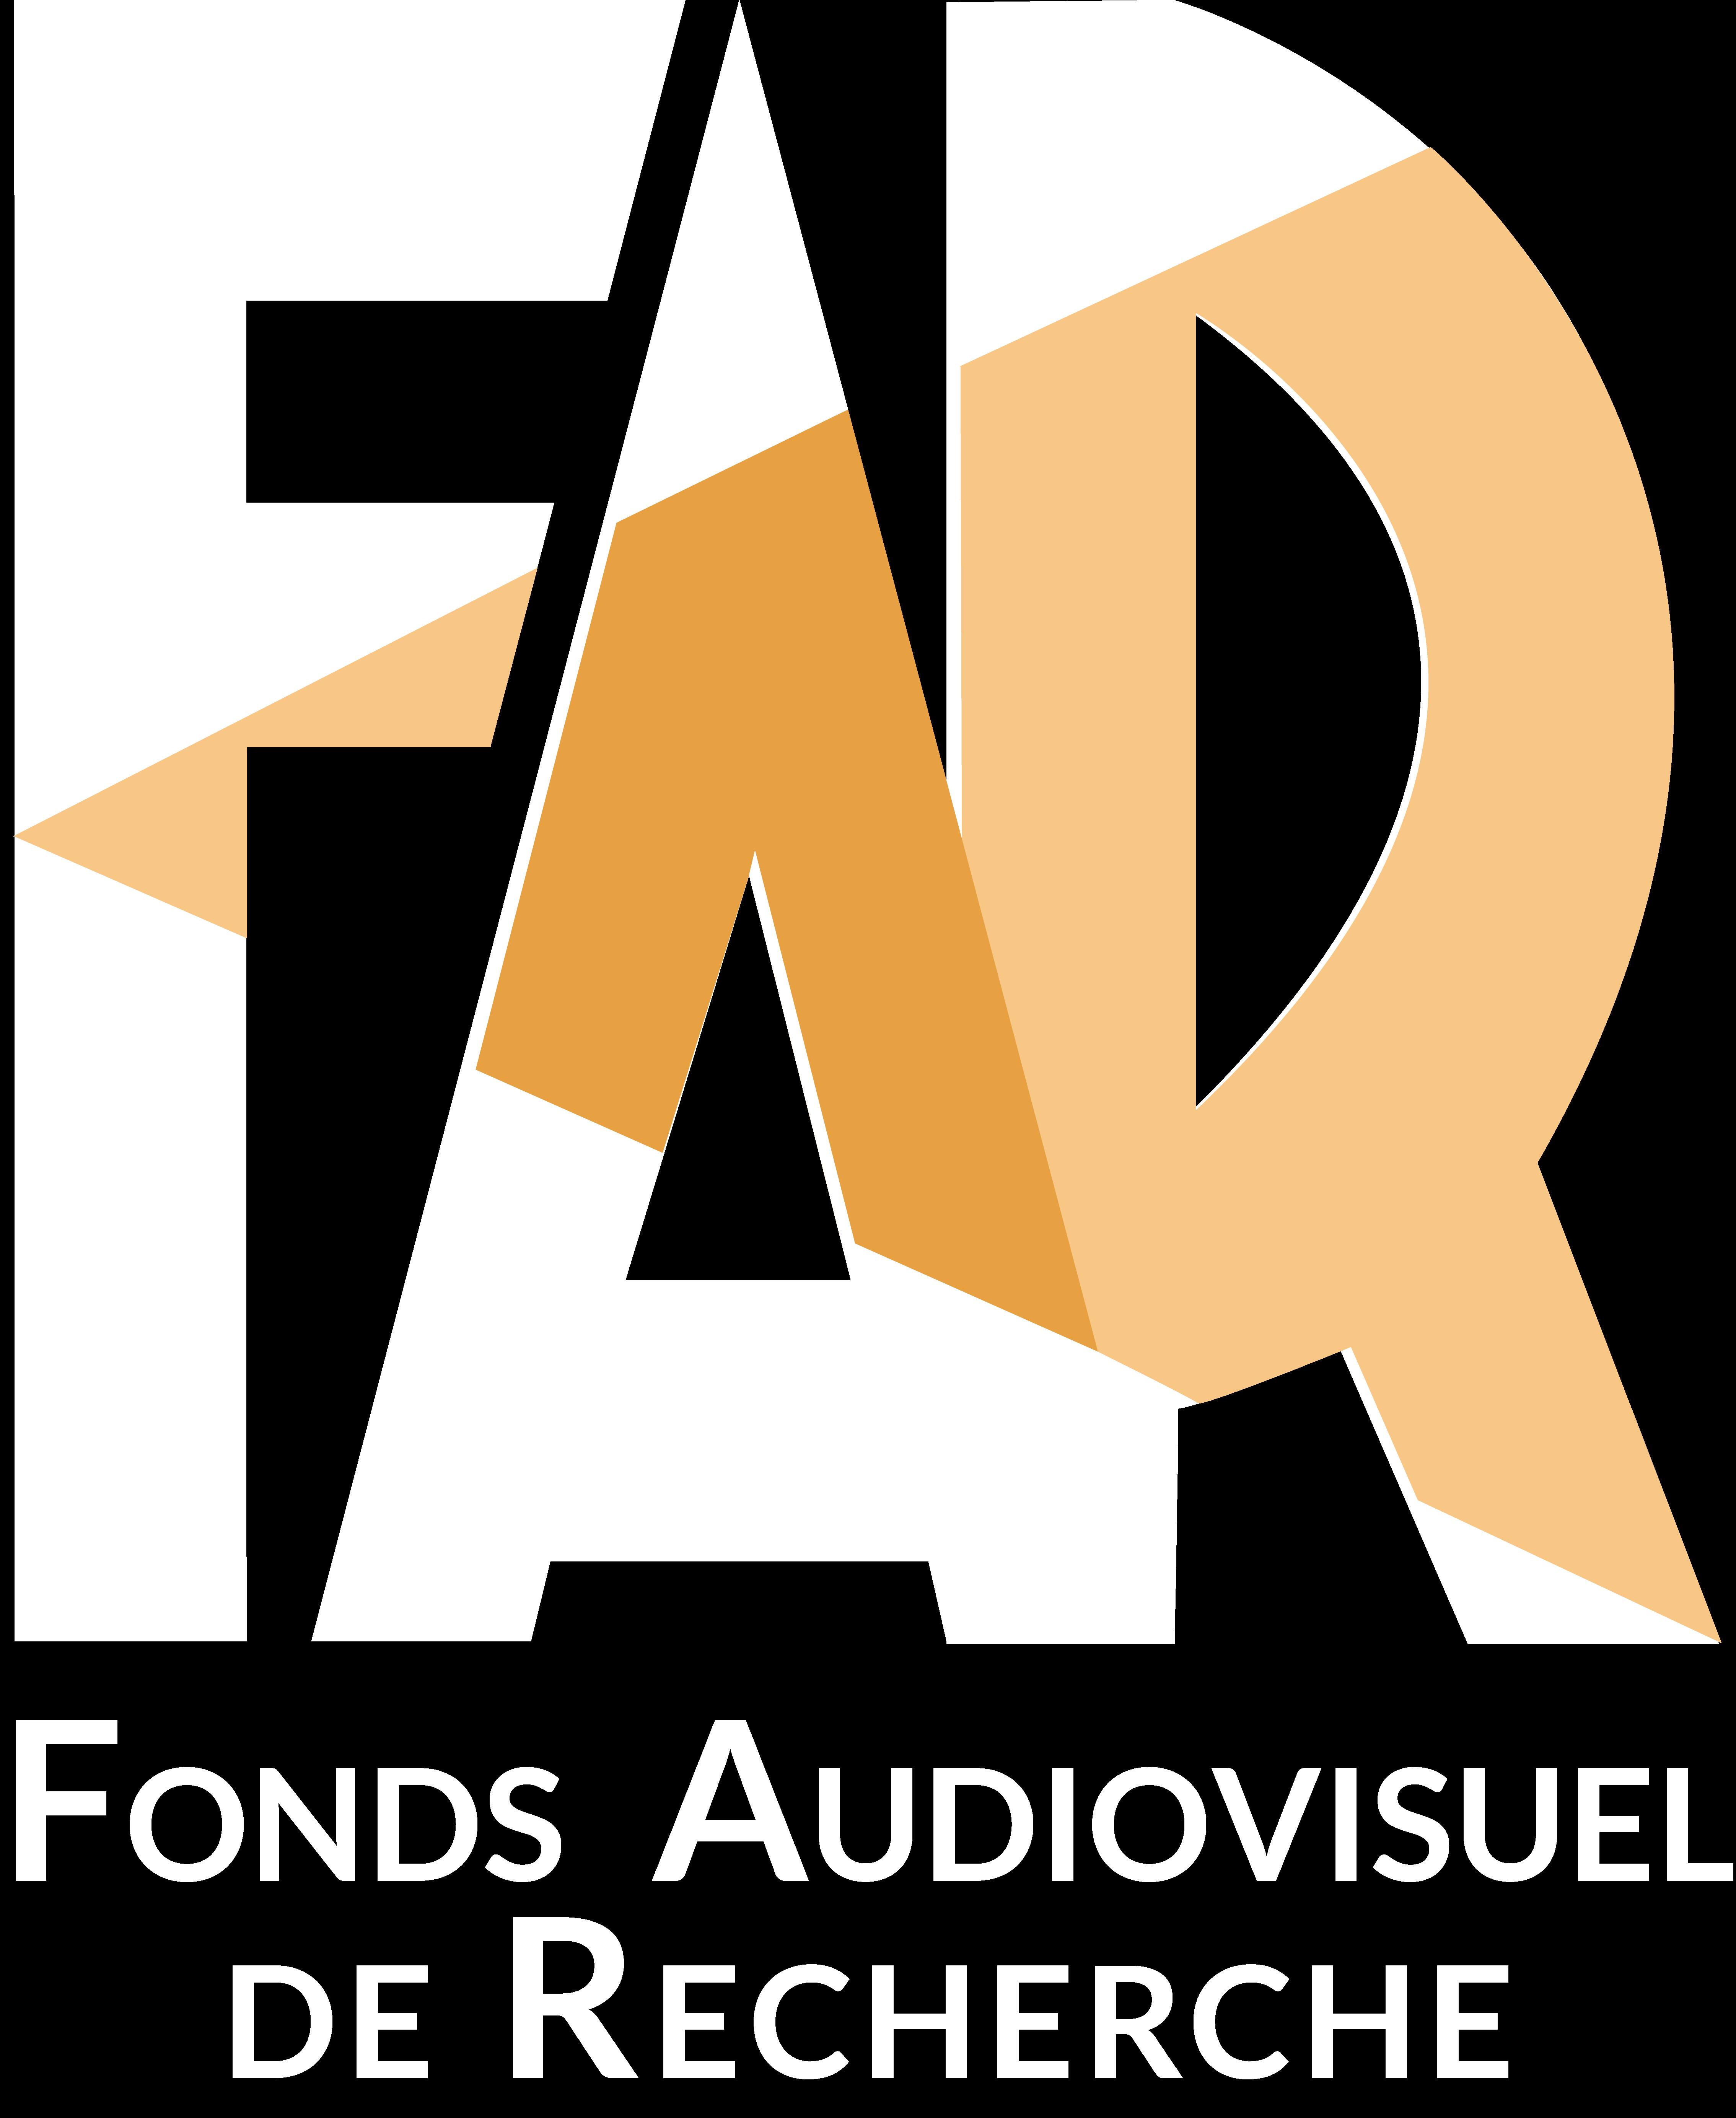 FAR - Fonds Audiovisuel de Recherche